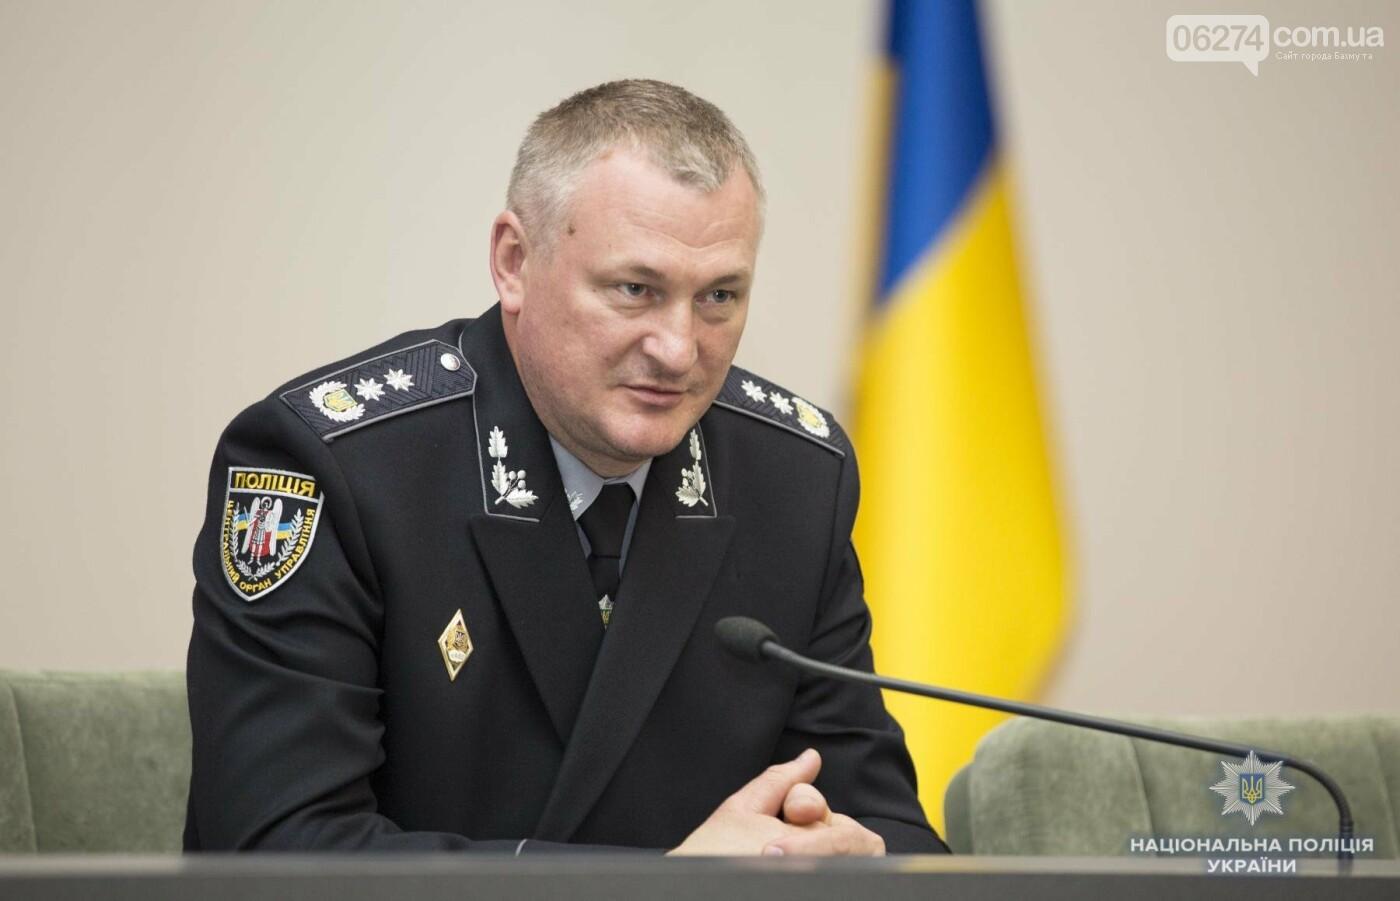 Начальник криминальной полиции Бахмута Ярослав Меженный получил награду от главы Нацполиции Сергея Князева, фото-1